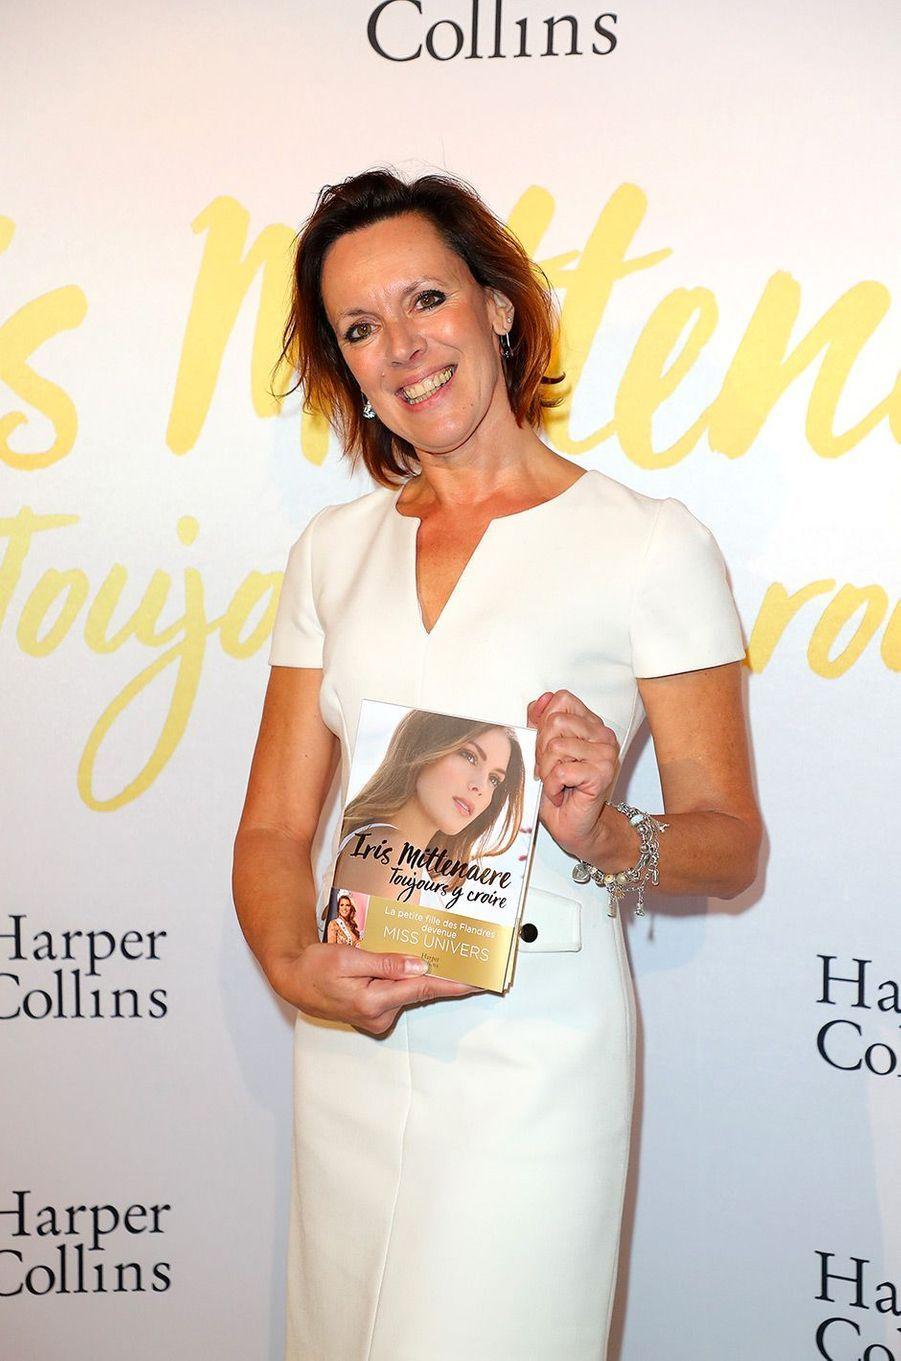 """Laurence Druart, la mère de Miss Univers, à la soirée de lancement du livre """"Toujours y croire"""" d'Iris Mittenaere, mardi 6 novembre"""